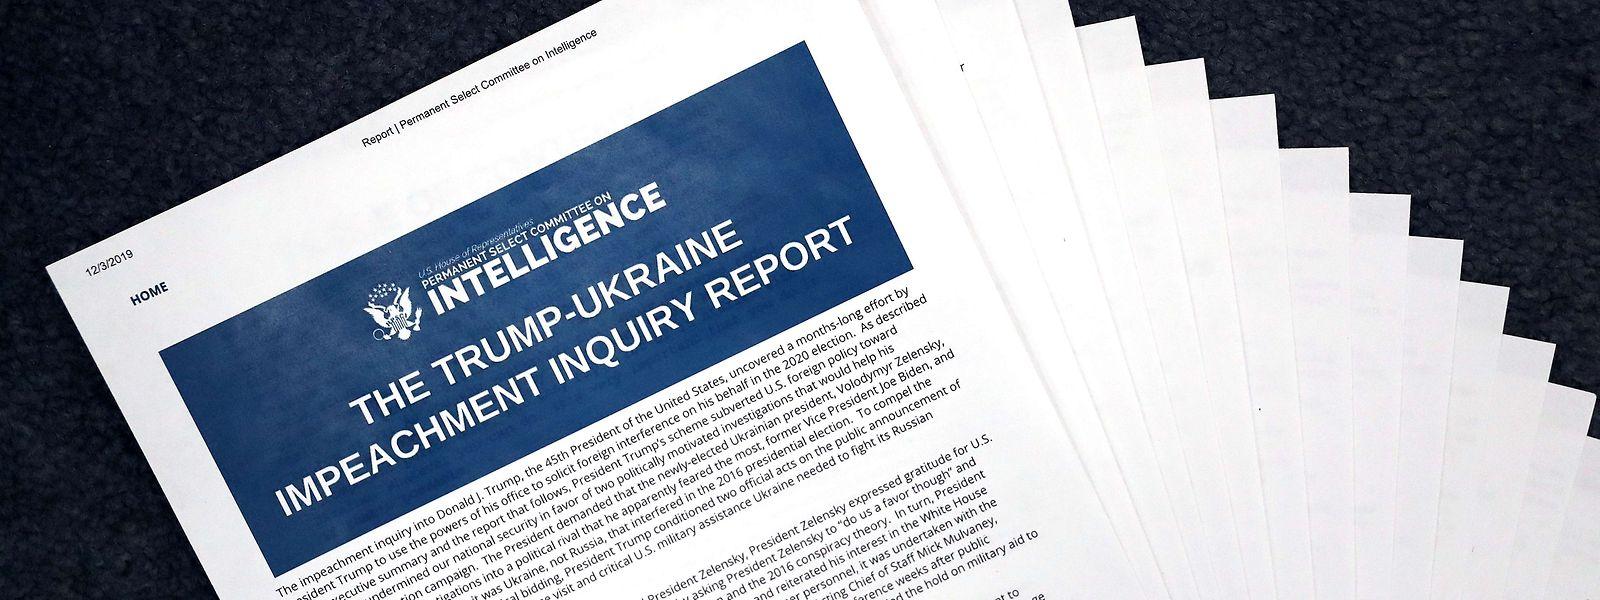 Selon le rapport de l'opposition démocrate, il existe des «preuves accablantes» de comportements «inappropriés» de Donald Trump